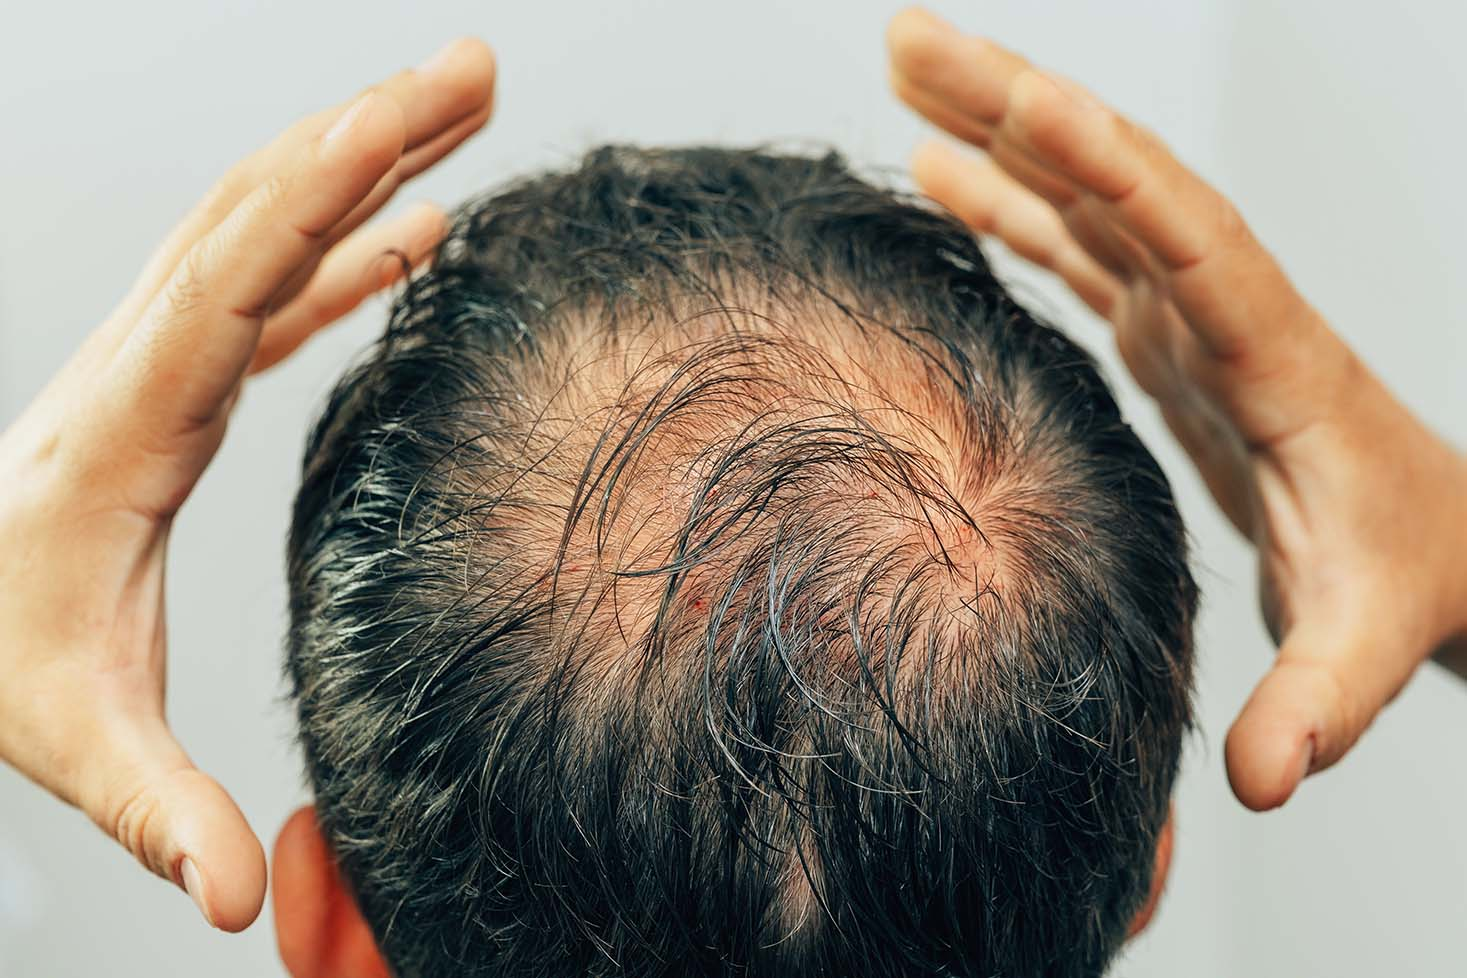 Postpartum Alopecia